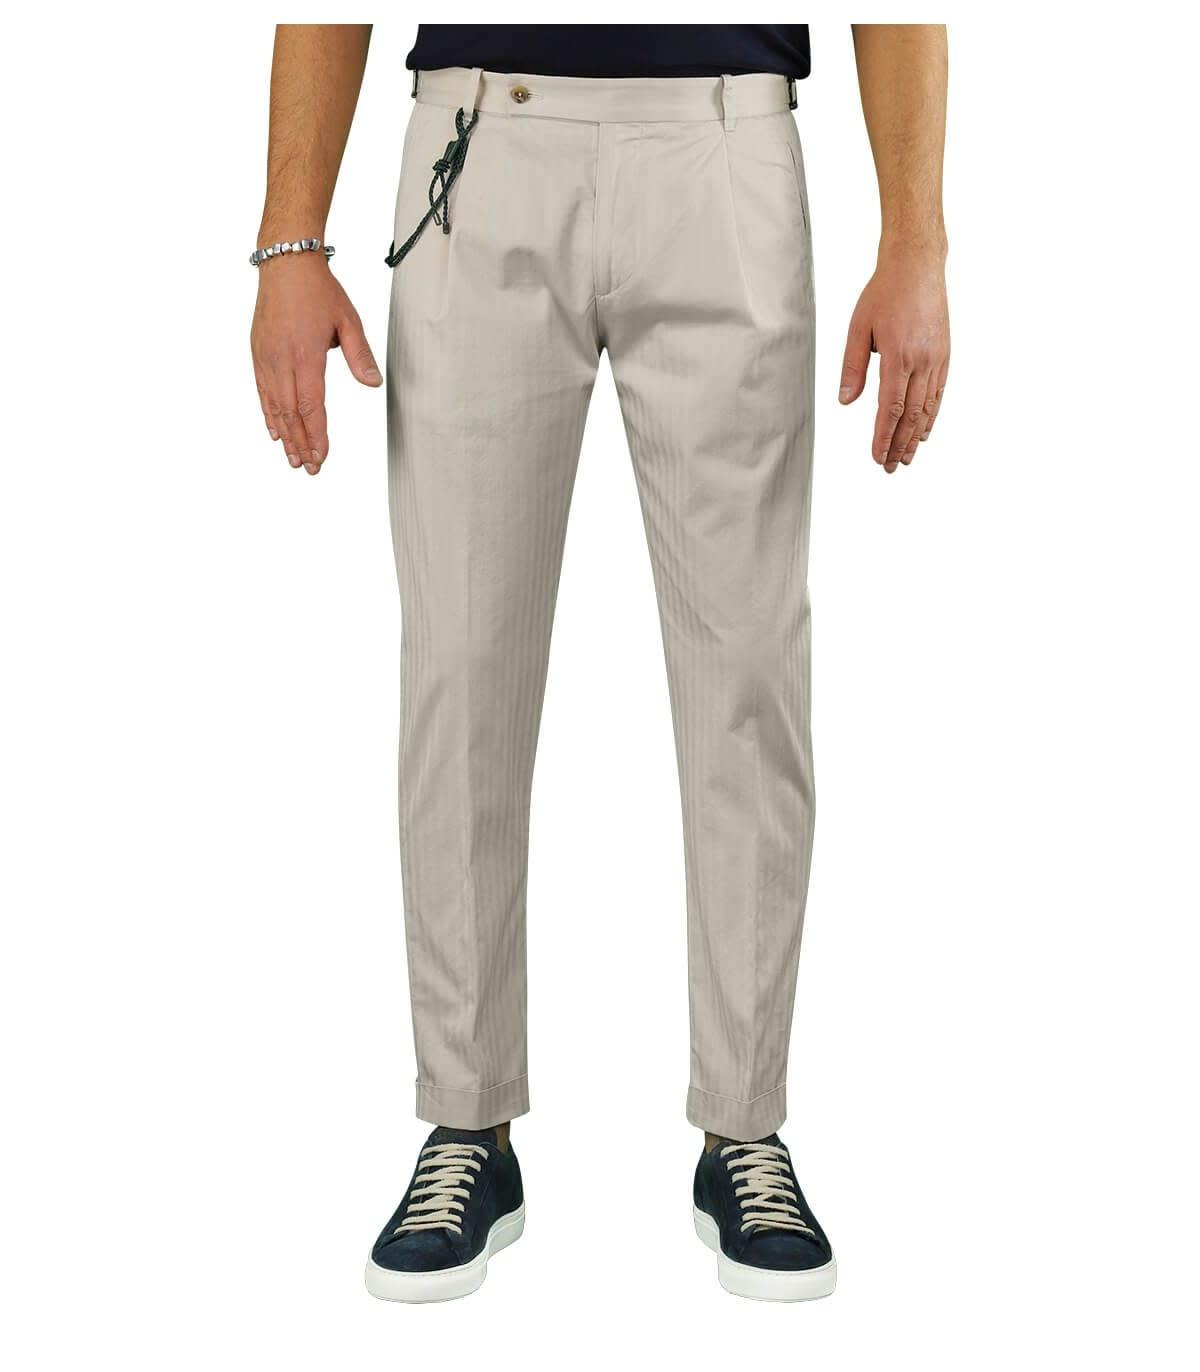 Retro Solaro Cream Chino Trousers